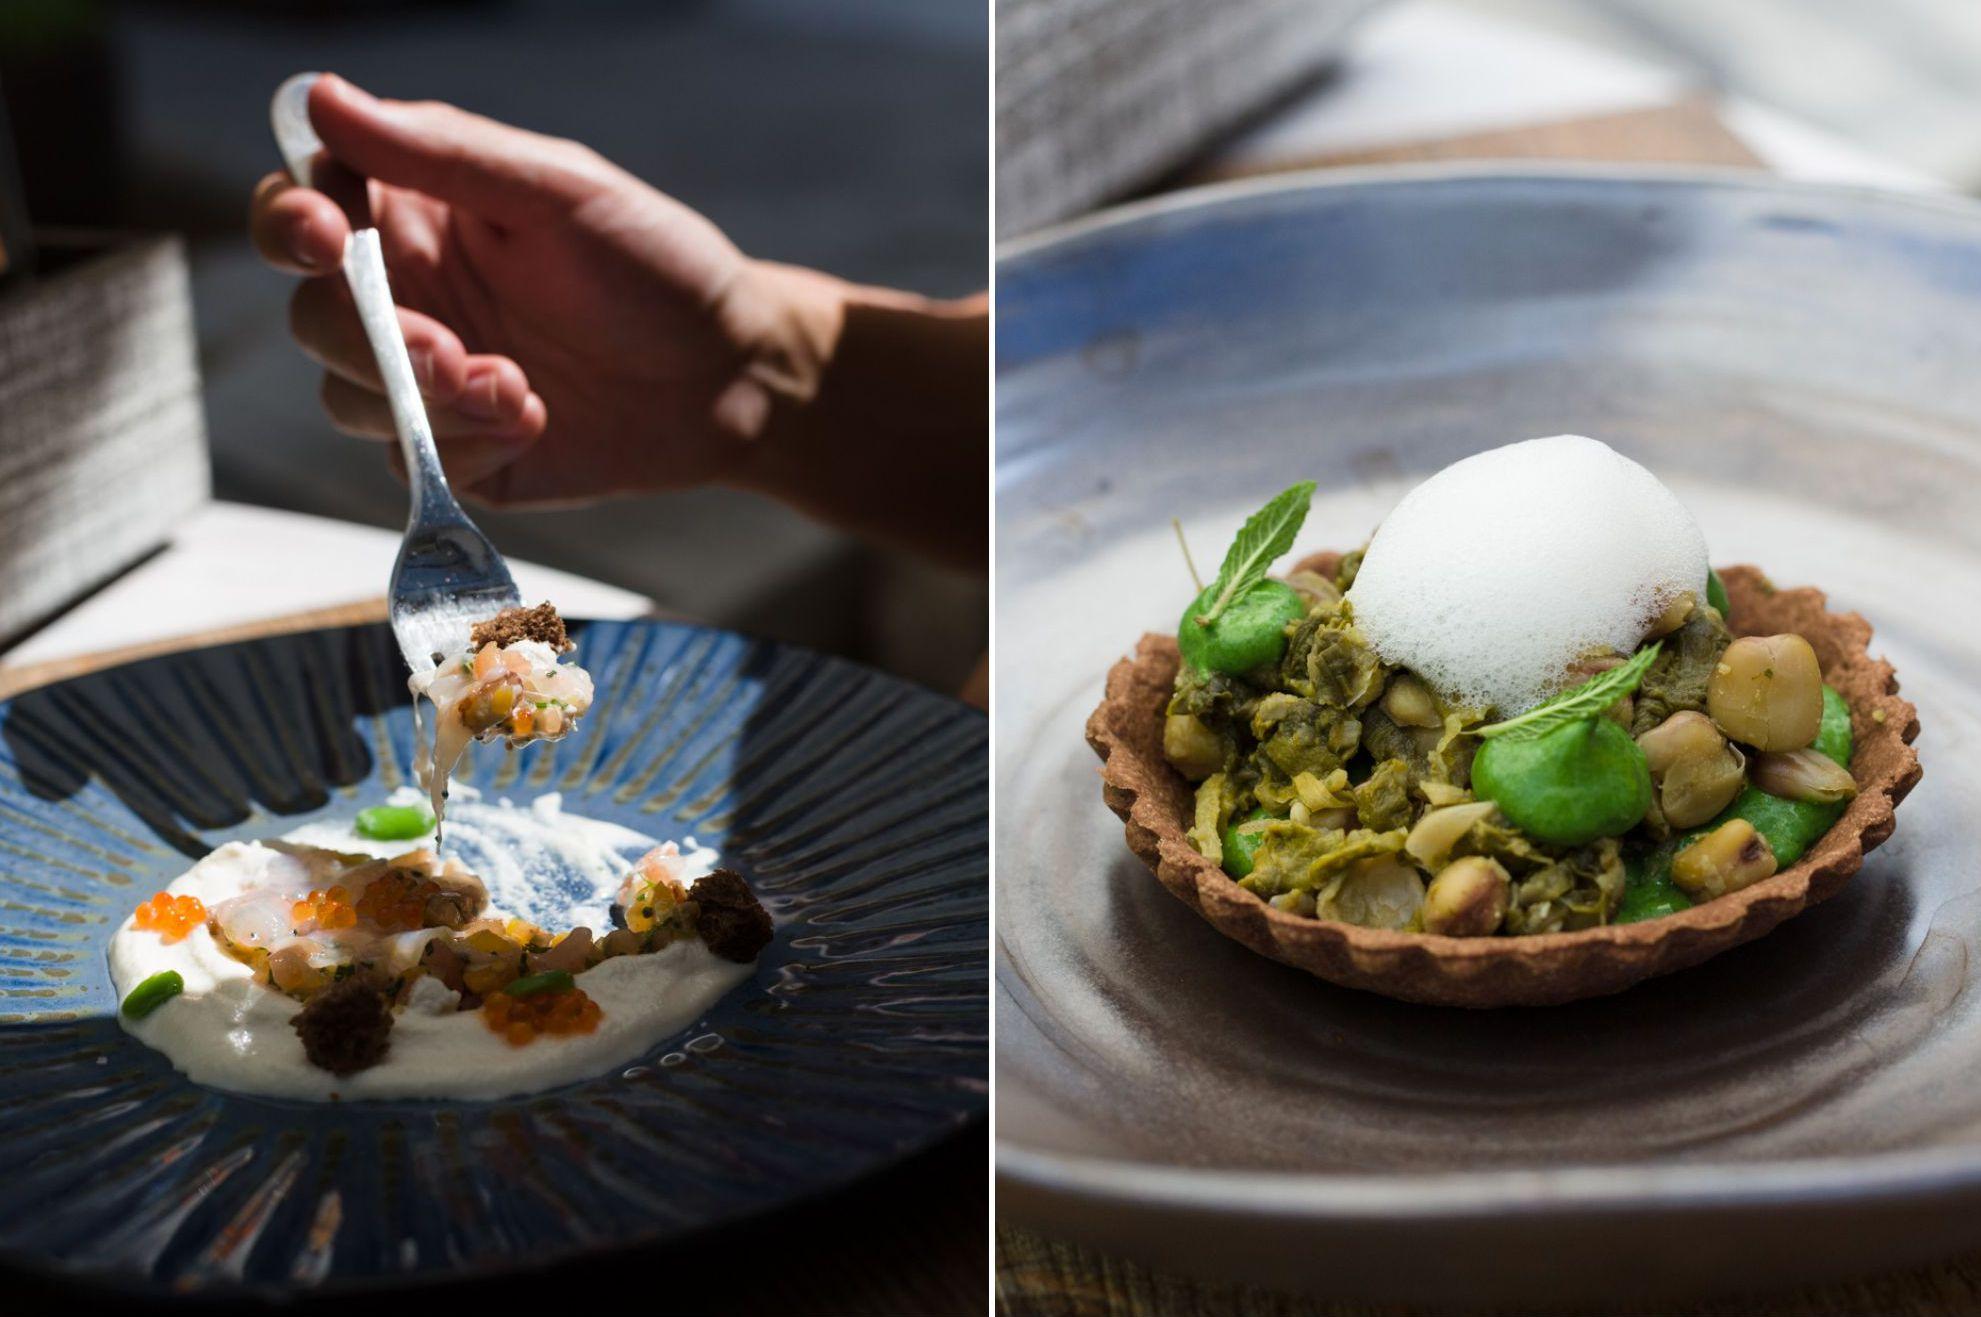 Restaurante 'Es Ventall': tartar de tomate con cigala ibicenca, habas baby y crema de almendra; y cuinat